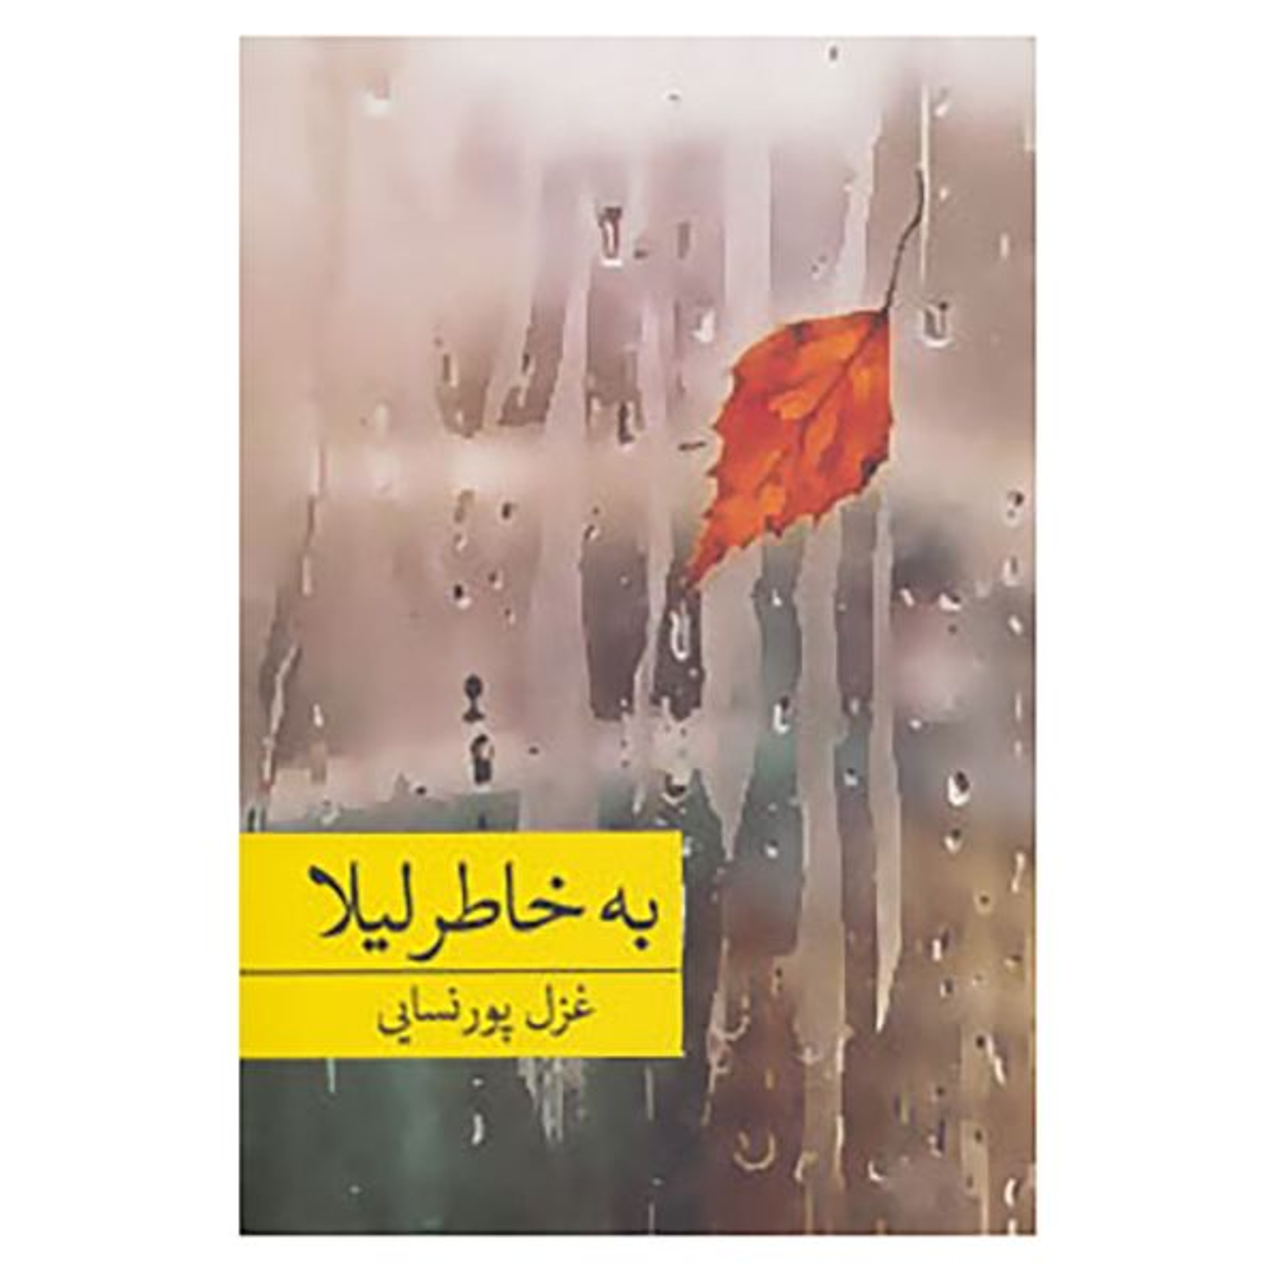 کتاب رمان ایرانی24 اثر غزل پورنسایی